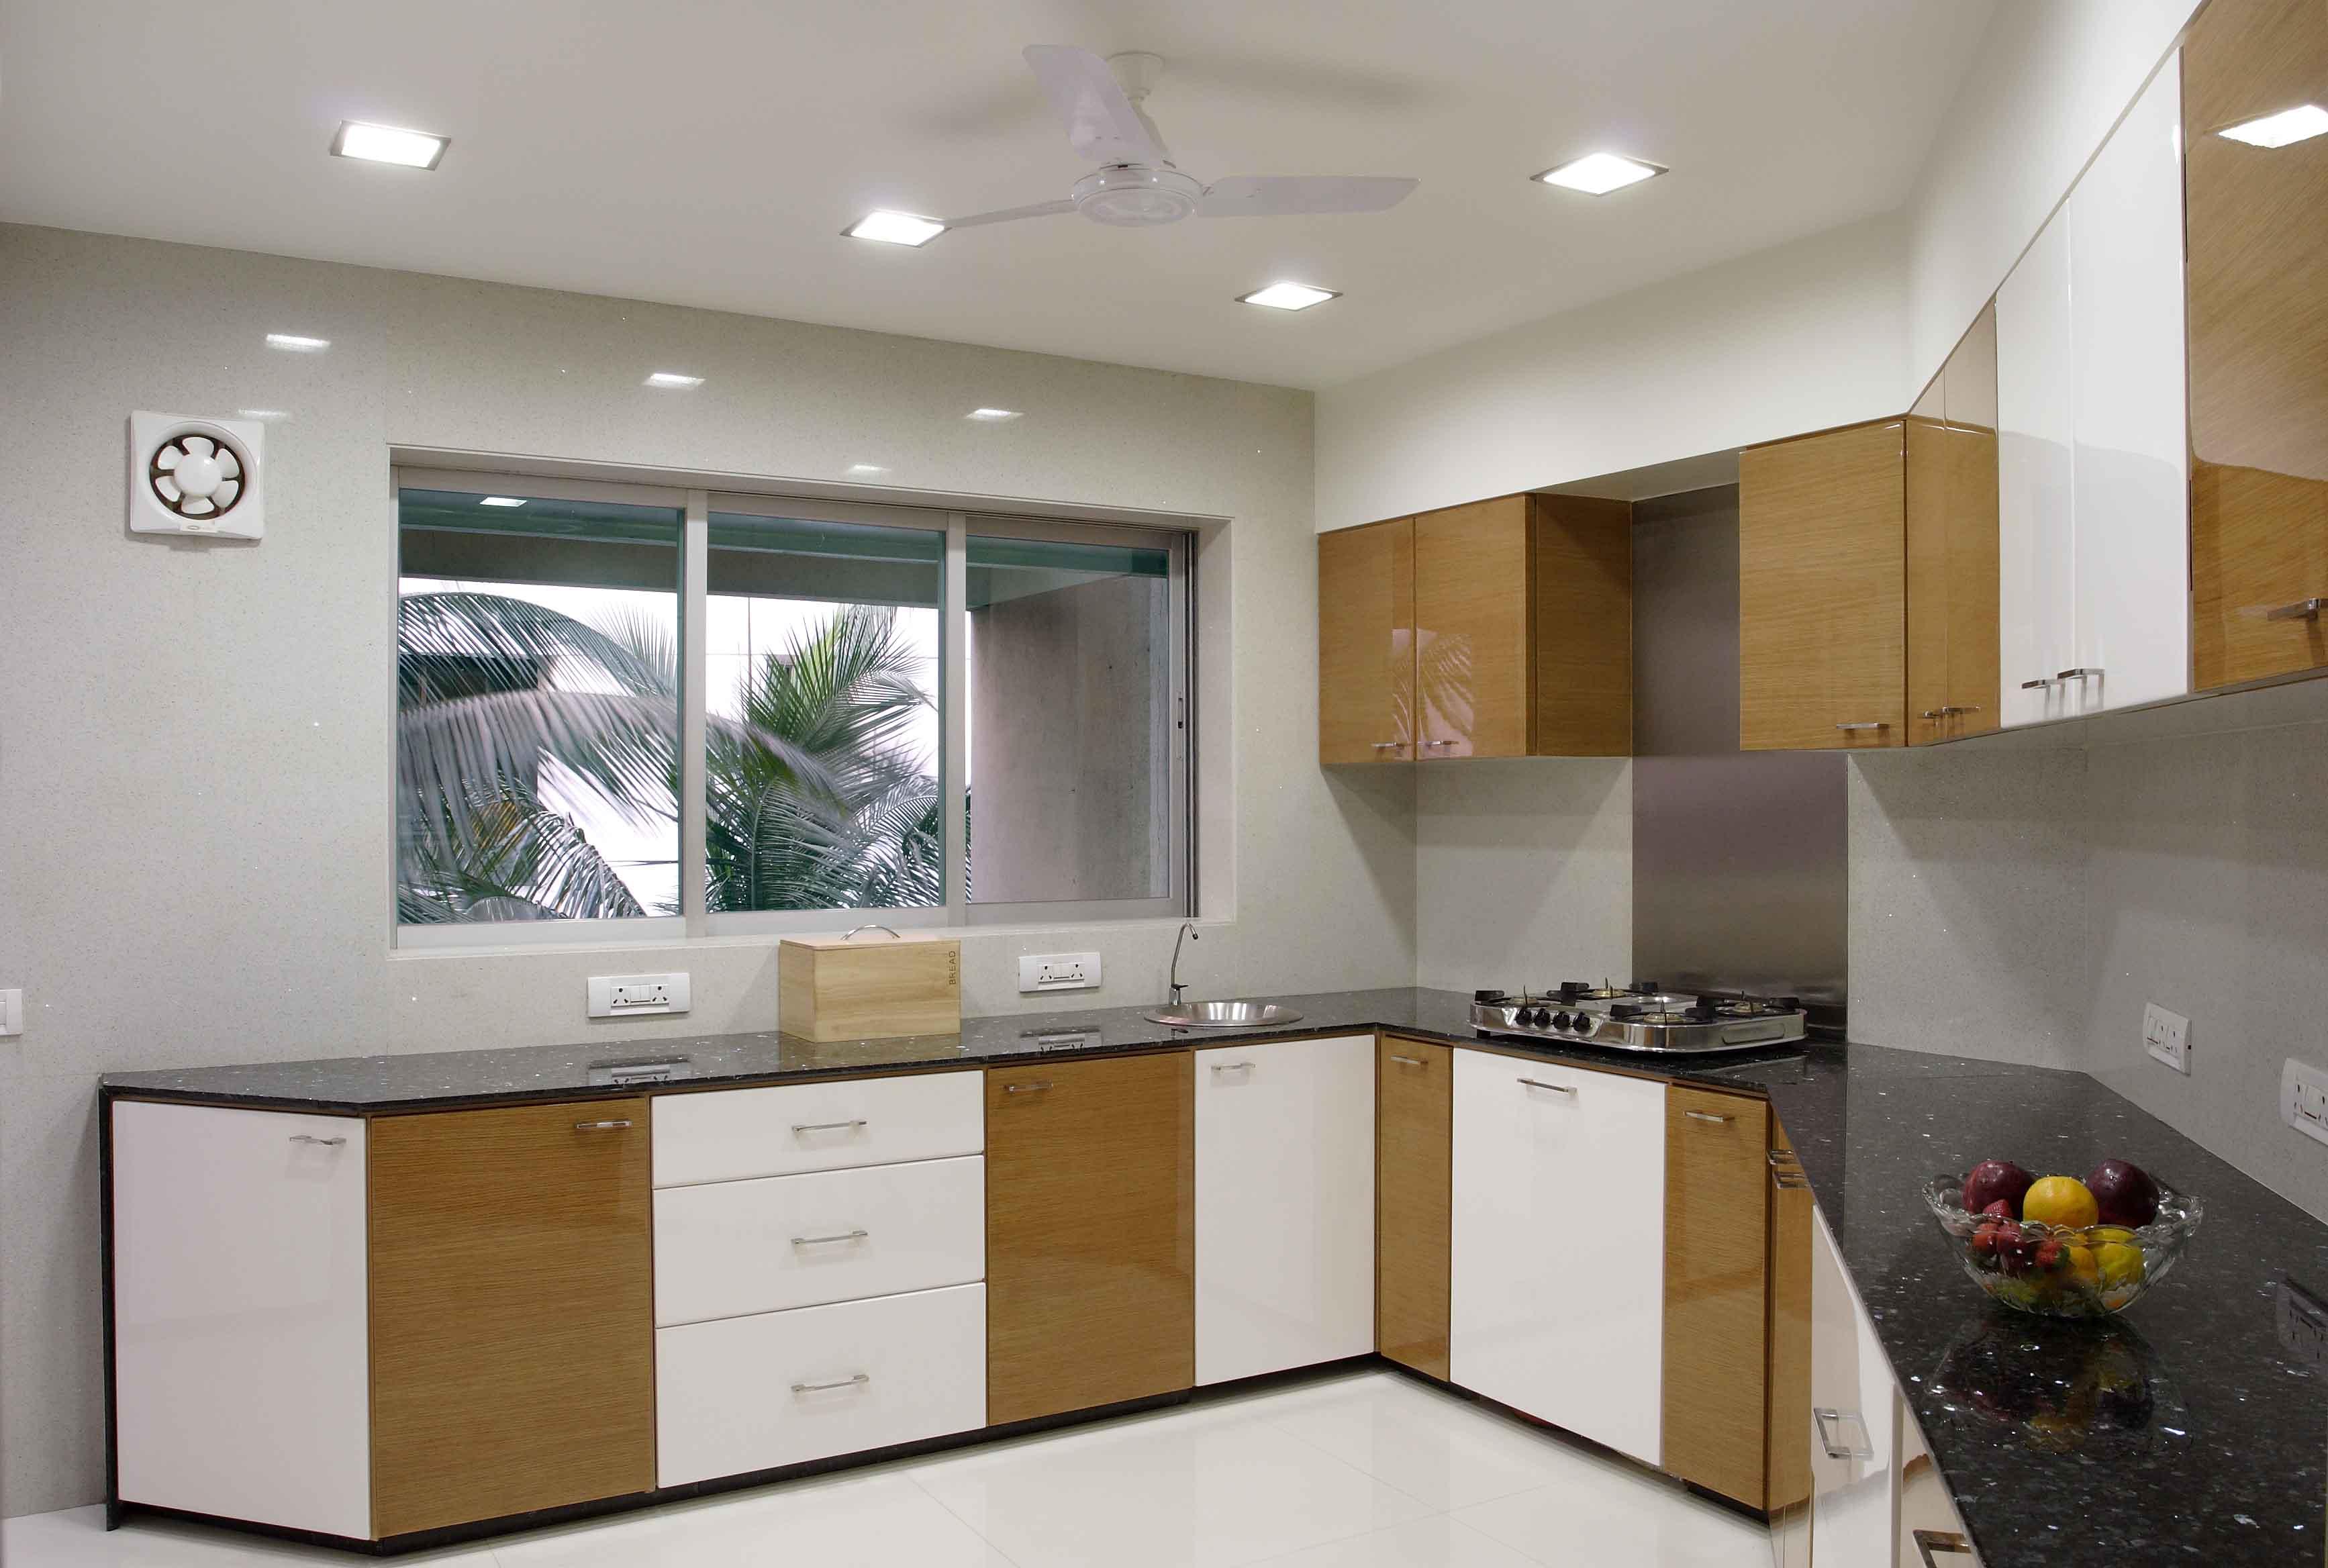 15 Kitchen Interior Design Images - Small Kitchen Interior Design ...